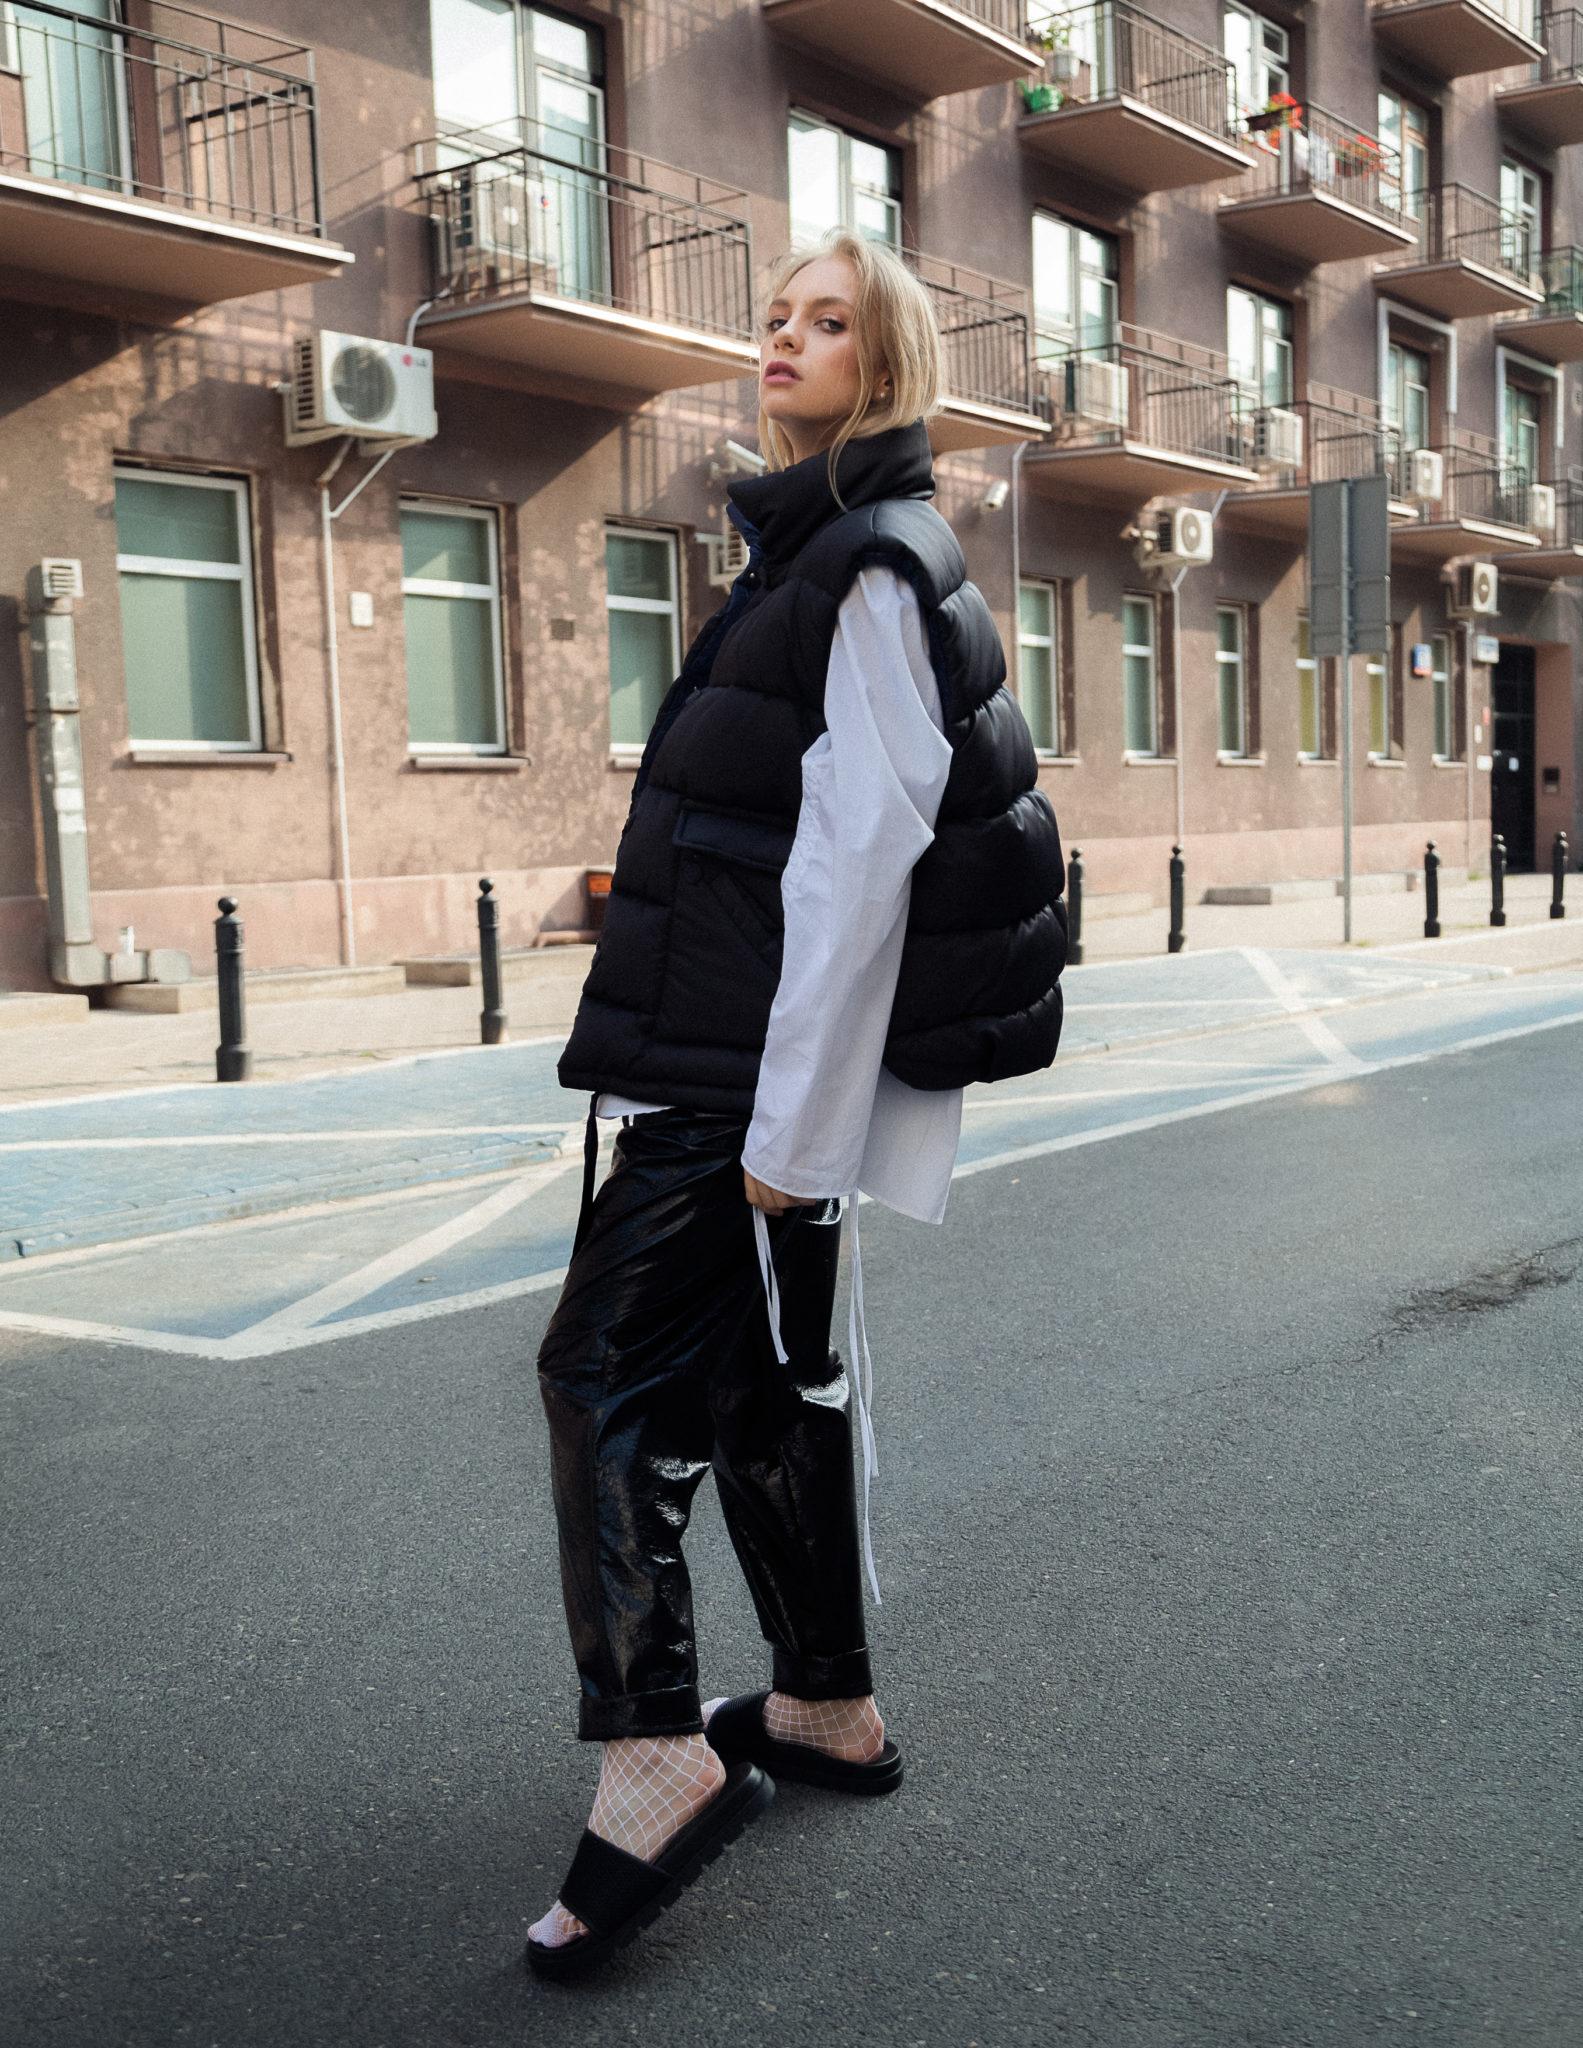 Dziewczyna w czarnych spodniach i puchowej kamizelce stojąca na środku ulicy